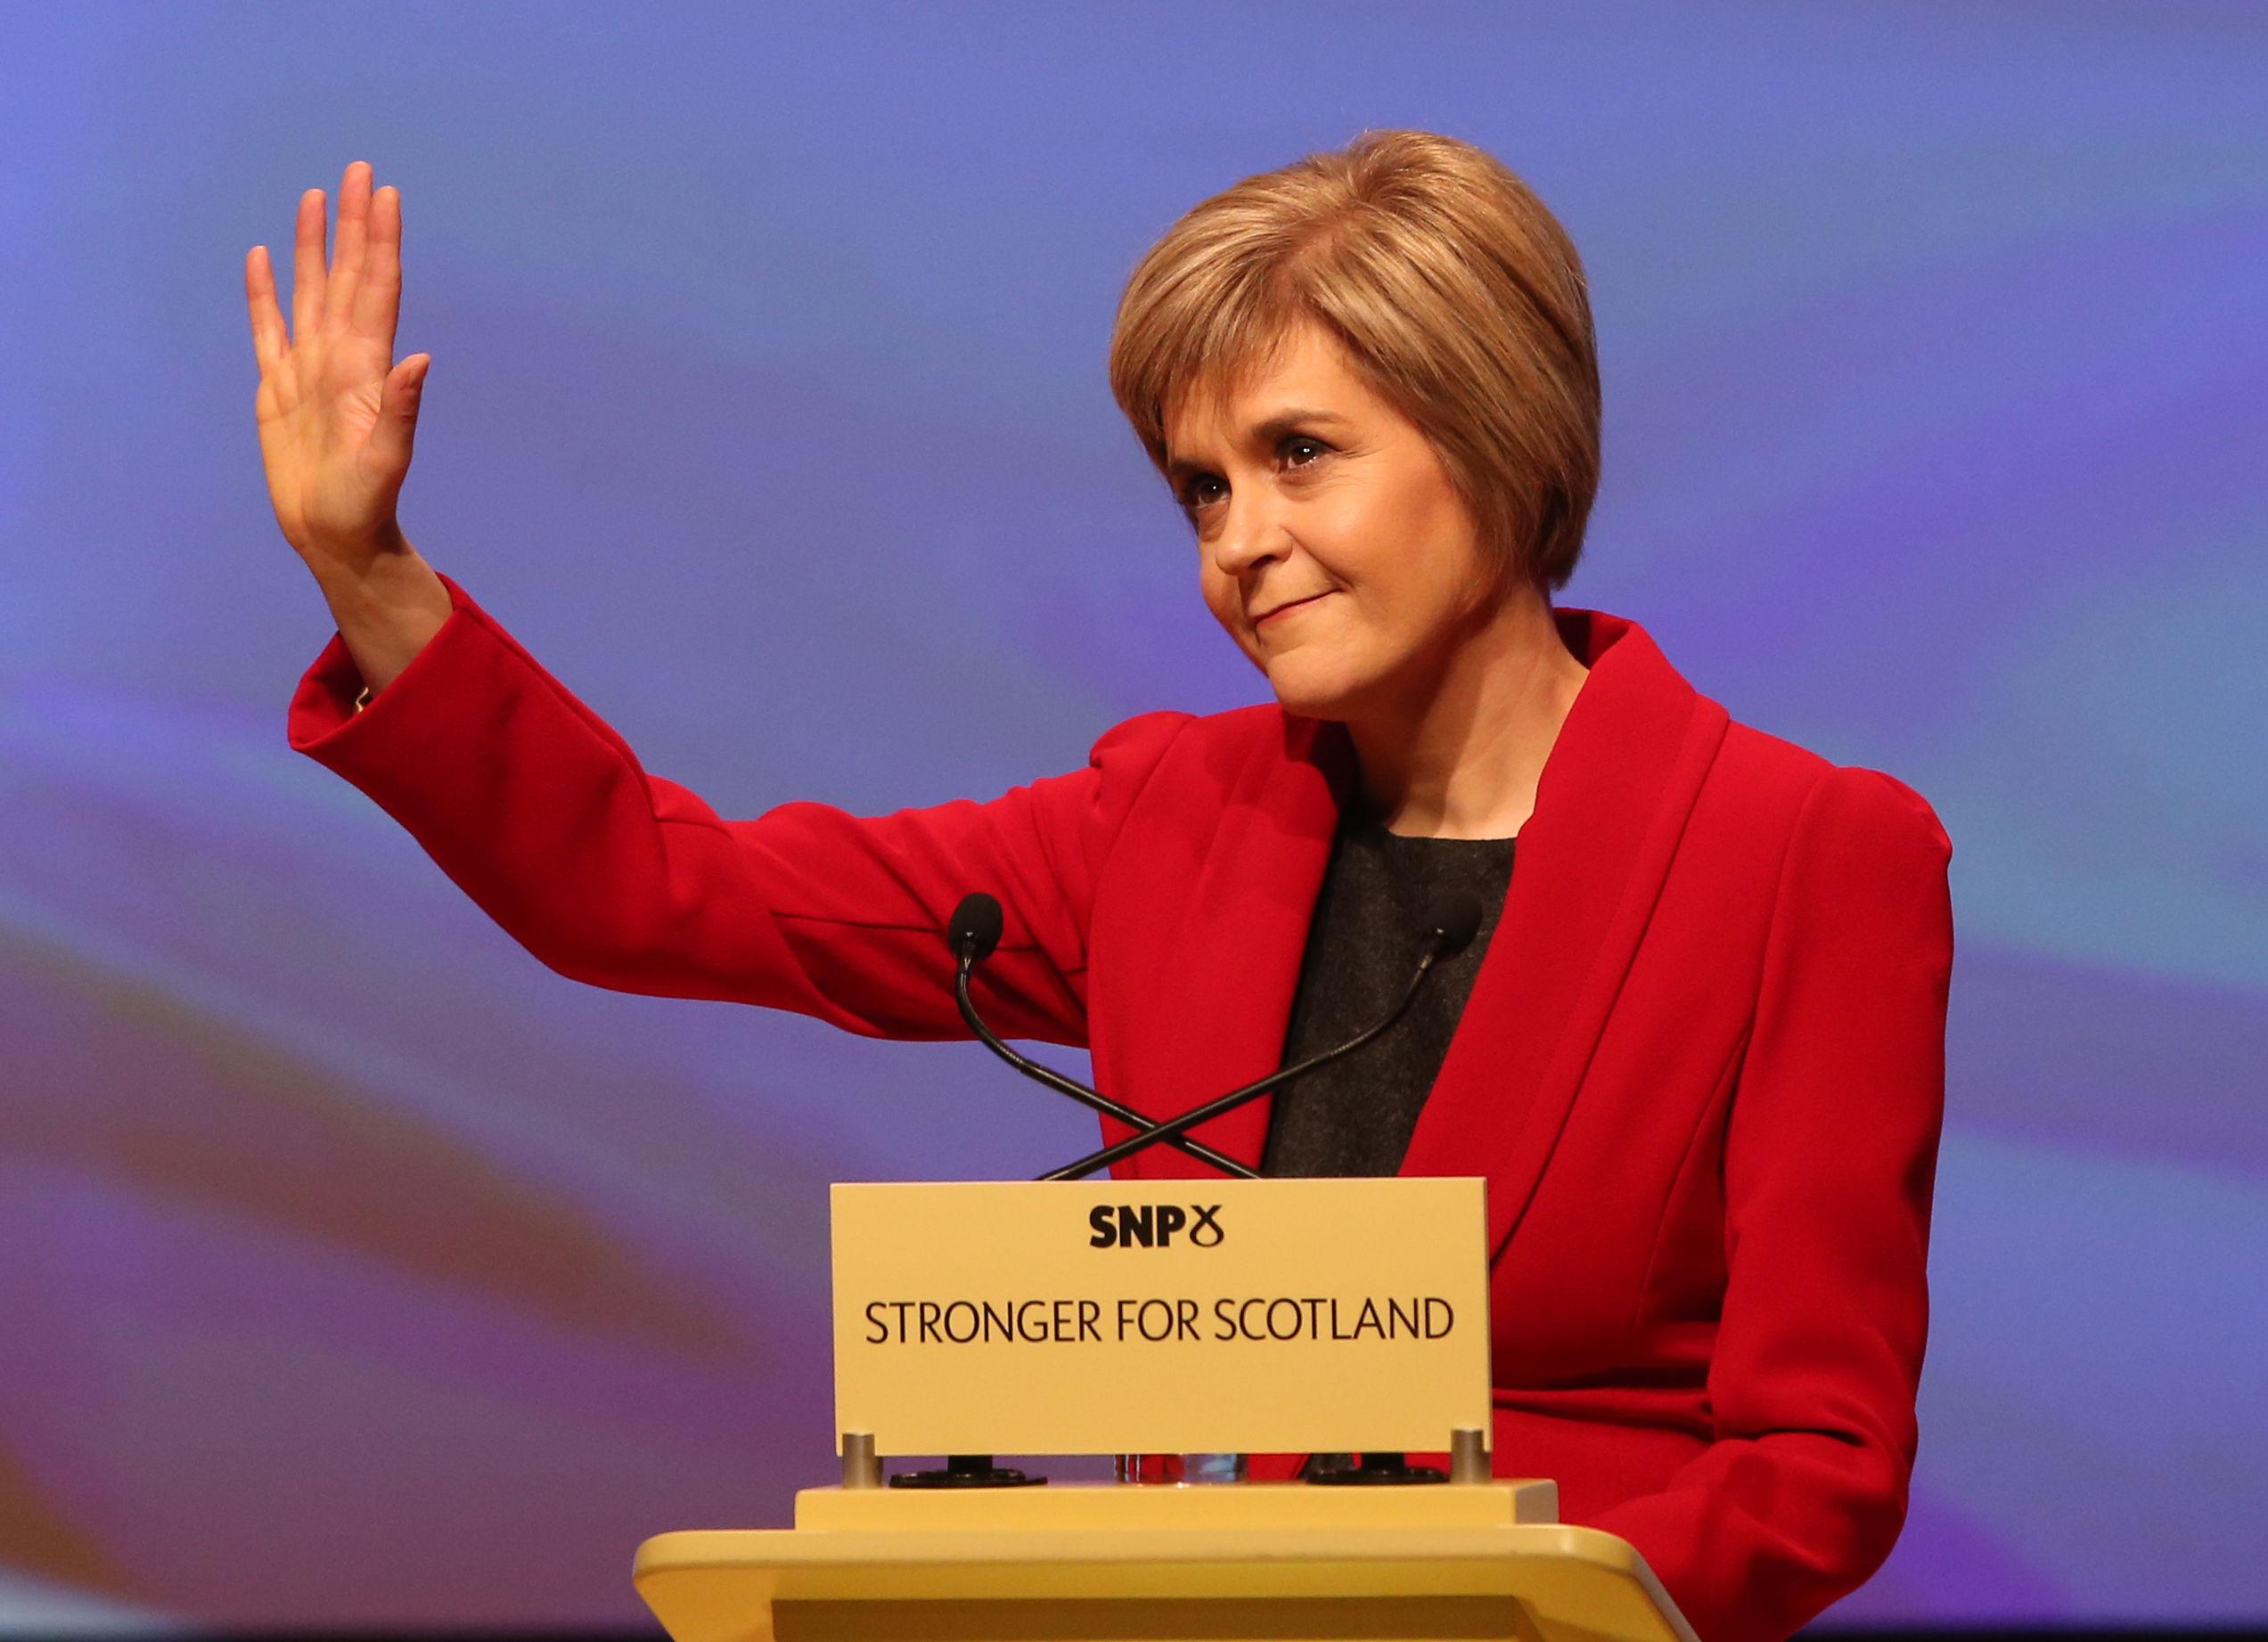 Stardžen: Razmotriti sve opcije za ostanak Škotske u EU